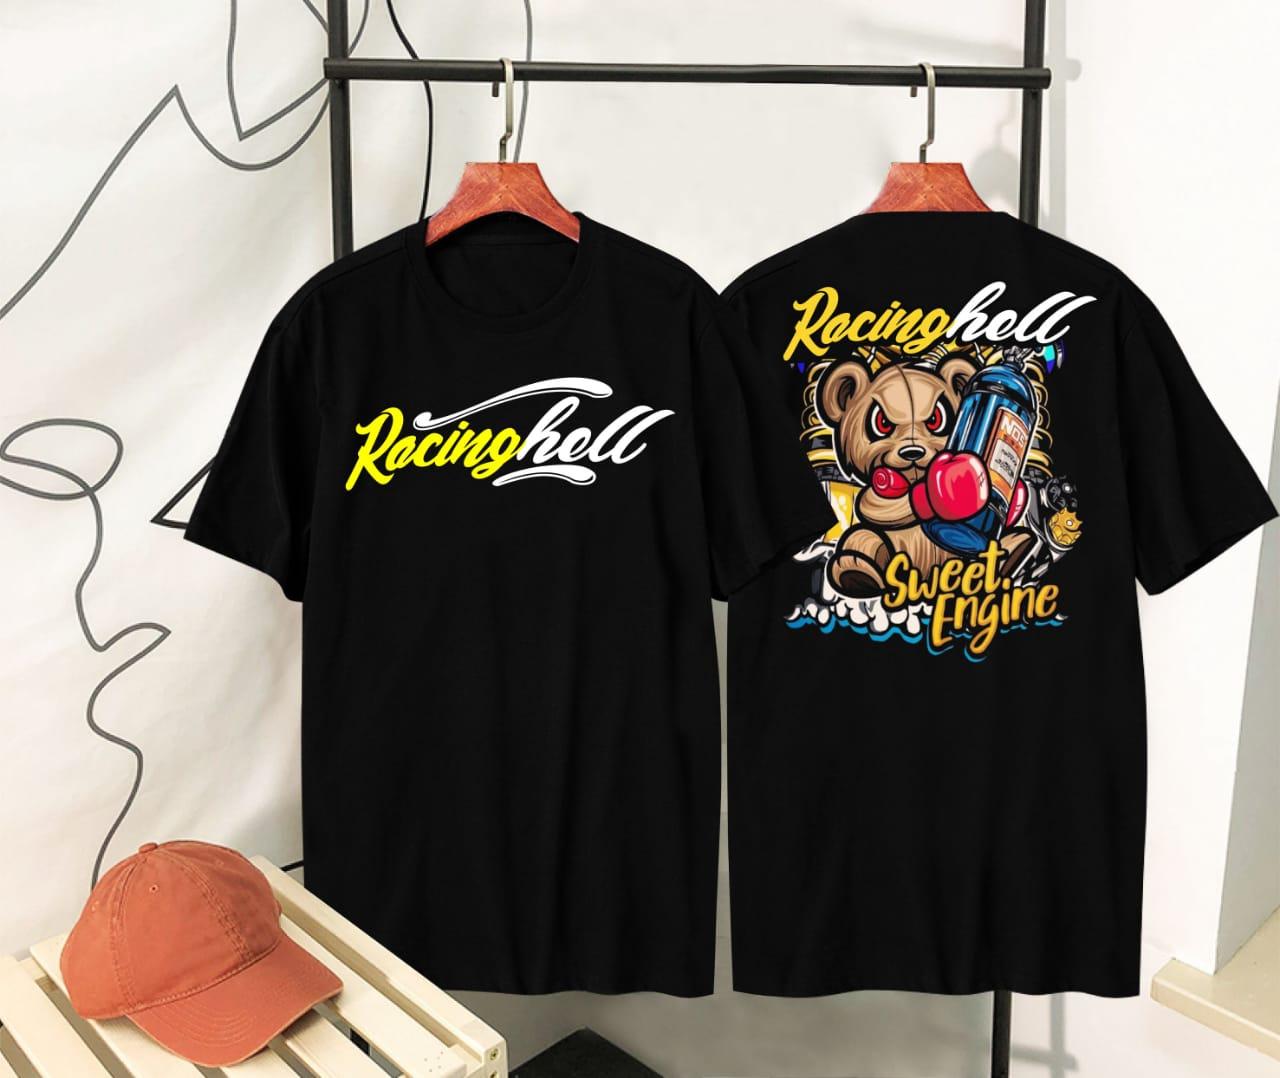 Kaos T Shirt Racing Hell Baju Kaos Oblong Kaos Termurah Dan Diskon Kaos Racing Hell Black Kaos Surfing Kaos Distro Kaos Racing Kaos Terbaru Arw Store Lazada Indonesia